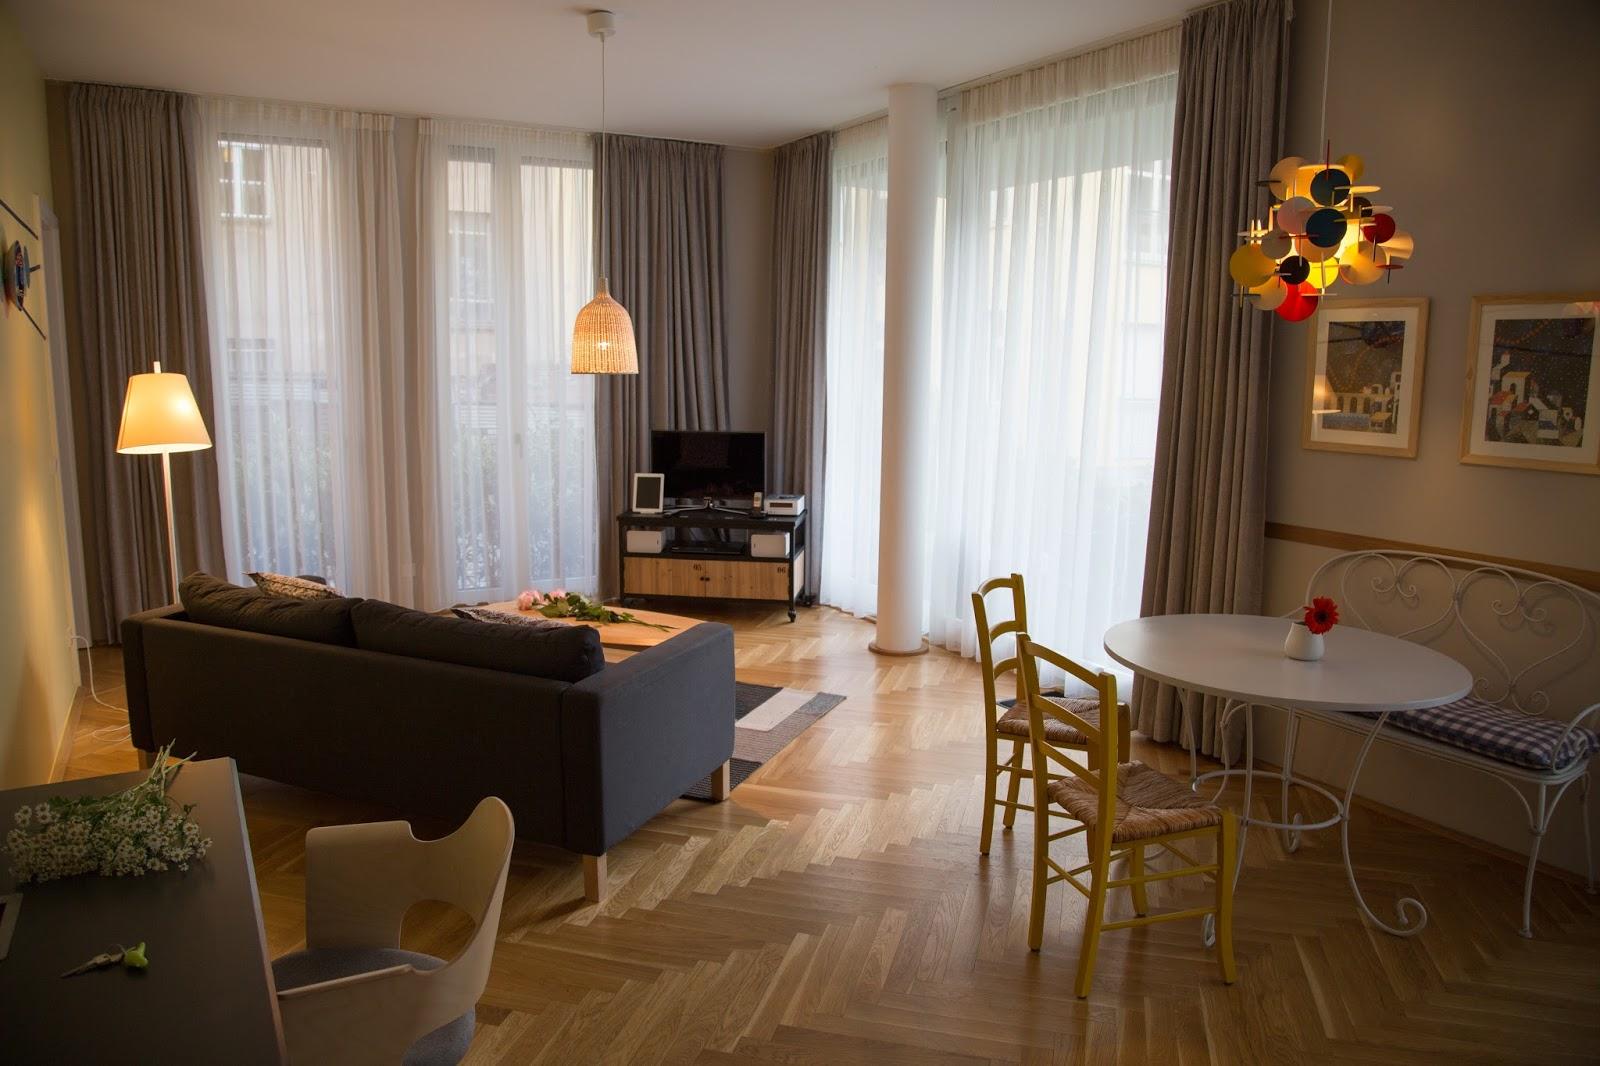 circus apartment - schönes, gemütliches wohnzimmer